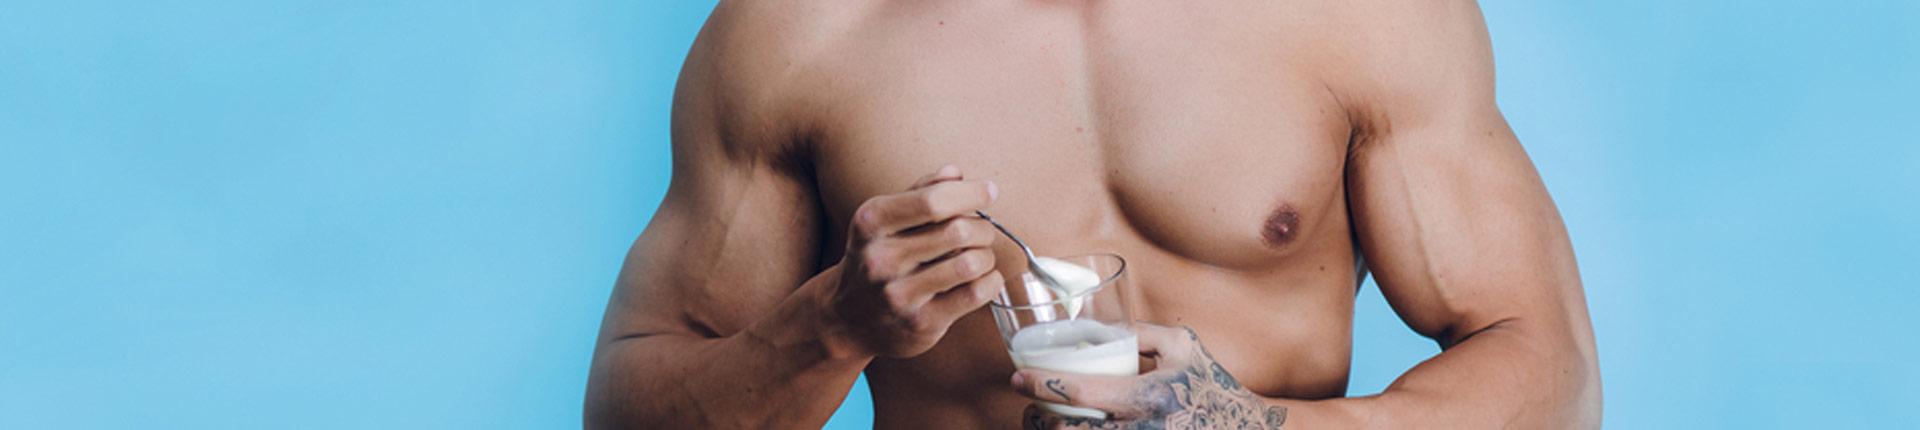 Przekąski bogate w białko. Czy warto wybierać wysokobiałkowe przekąski?